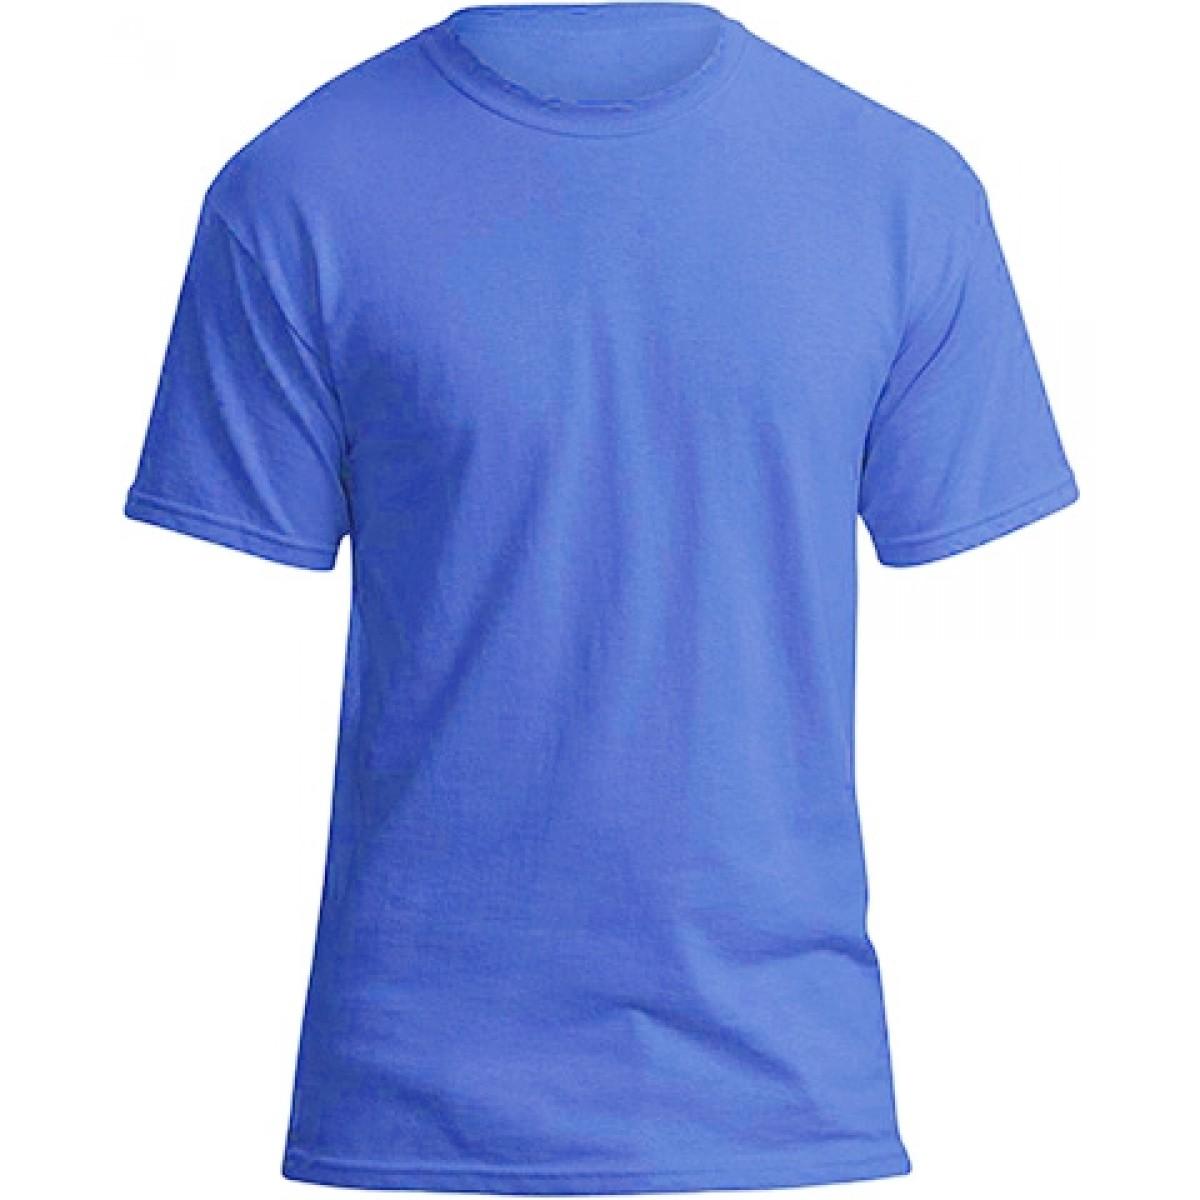 Soft 100% Cotton T-Shirt-Heather Blue-S